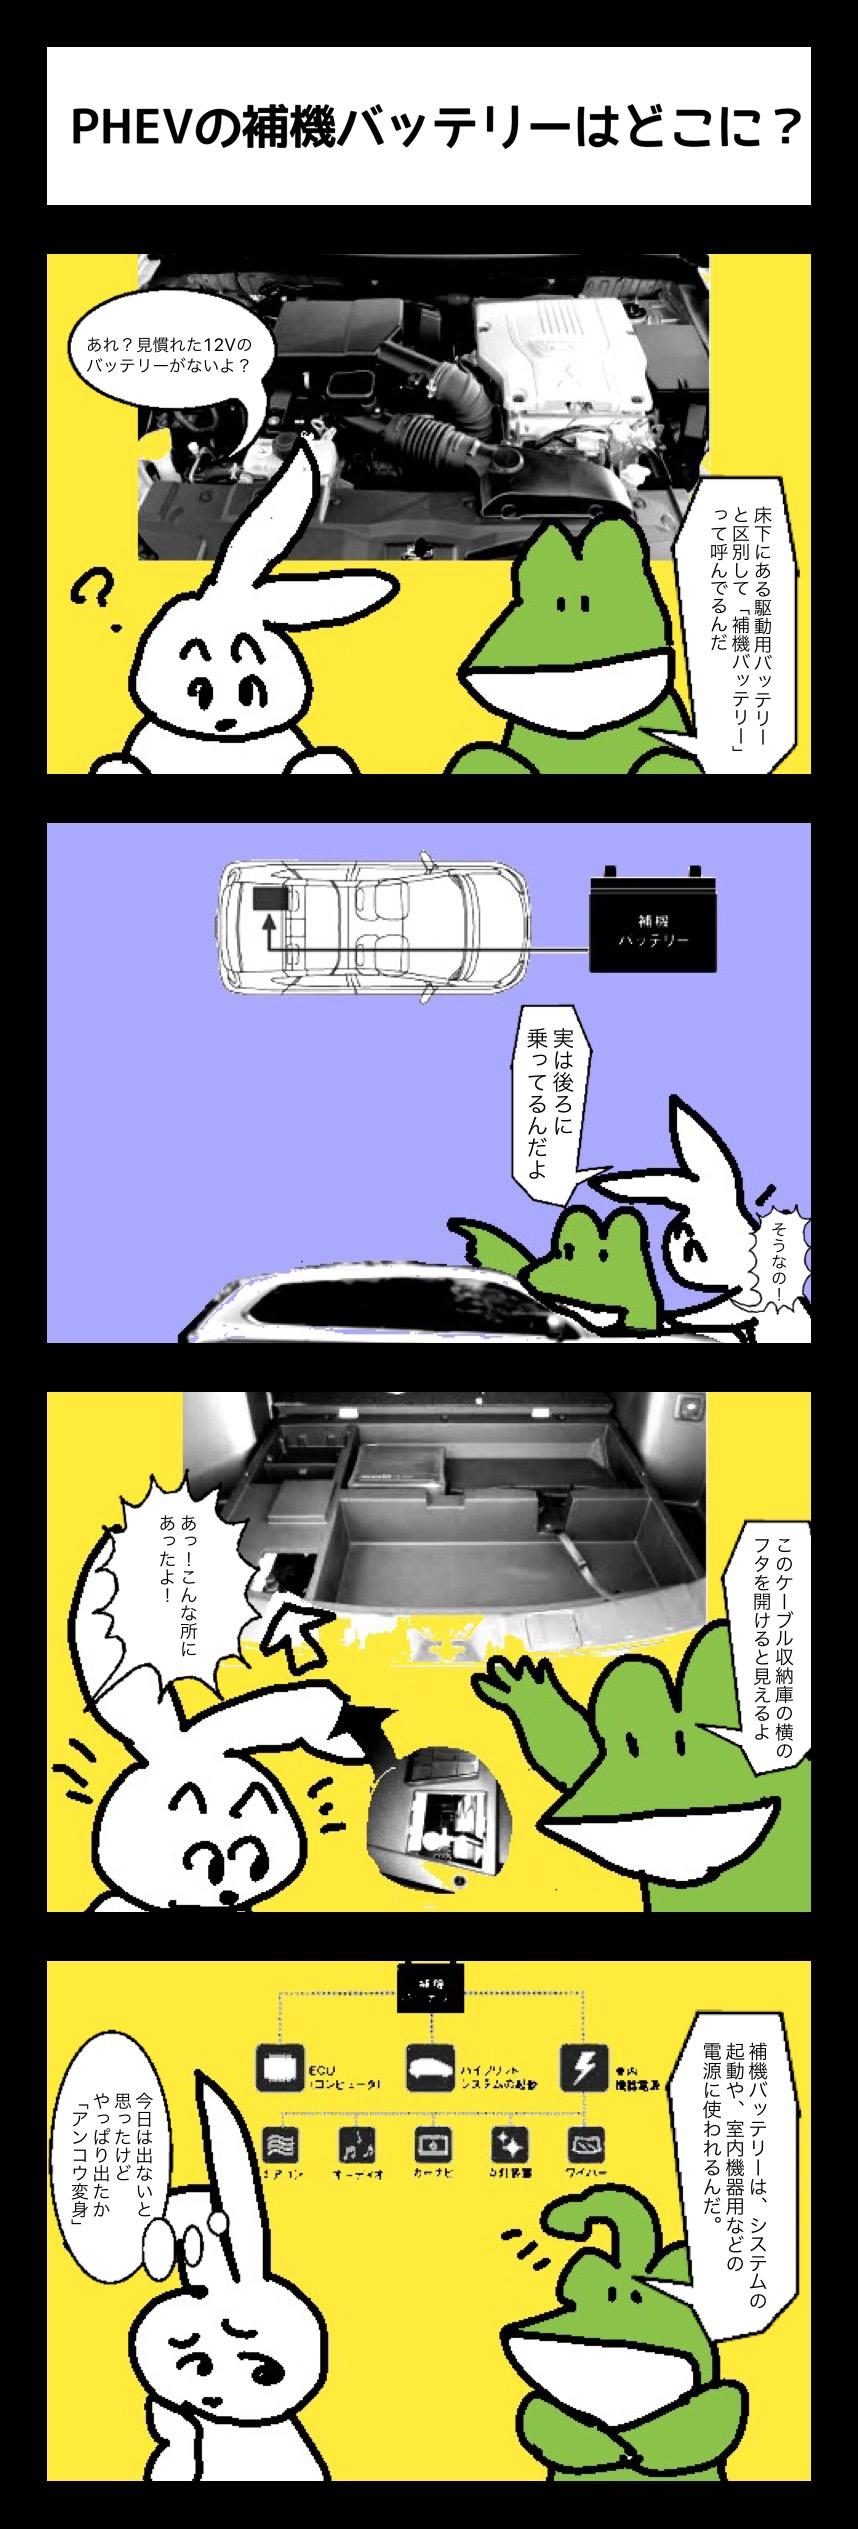 PHEV鳥獣戯画 その29 「PHEVの補機バッテリーはどこに?」